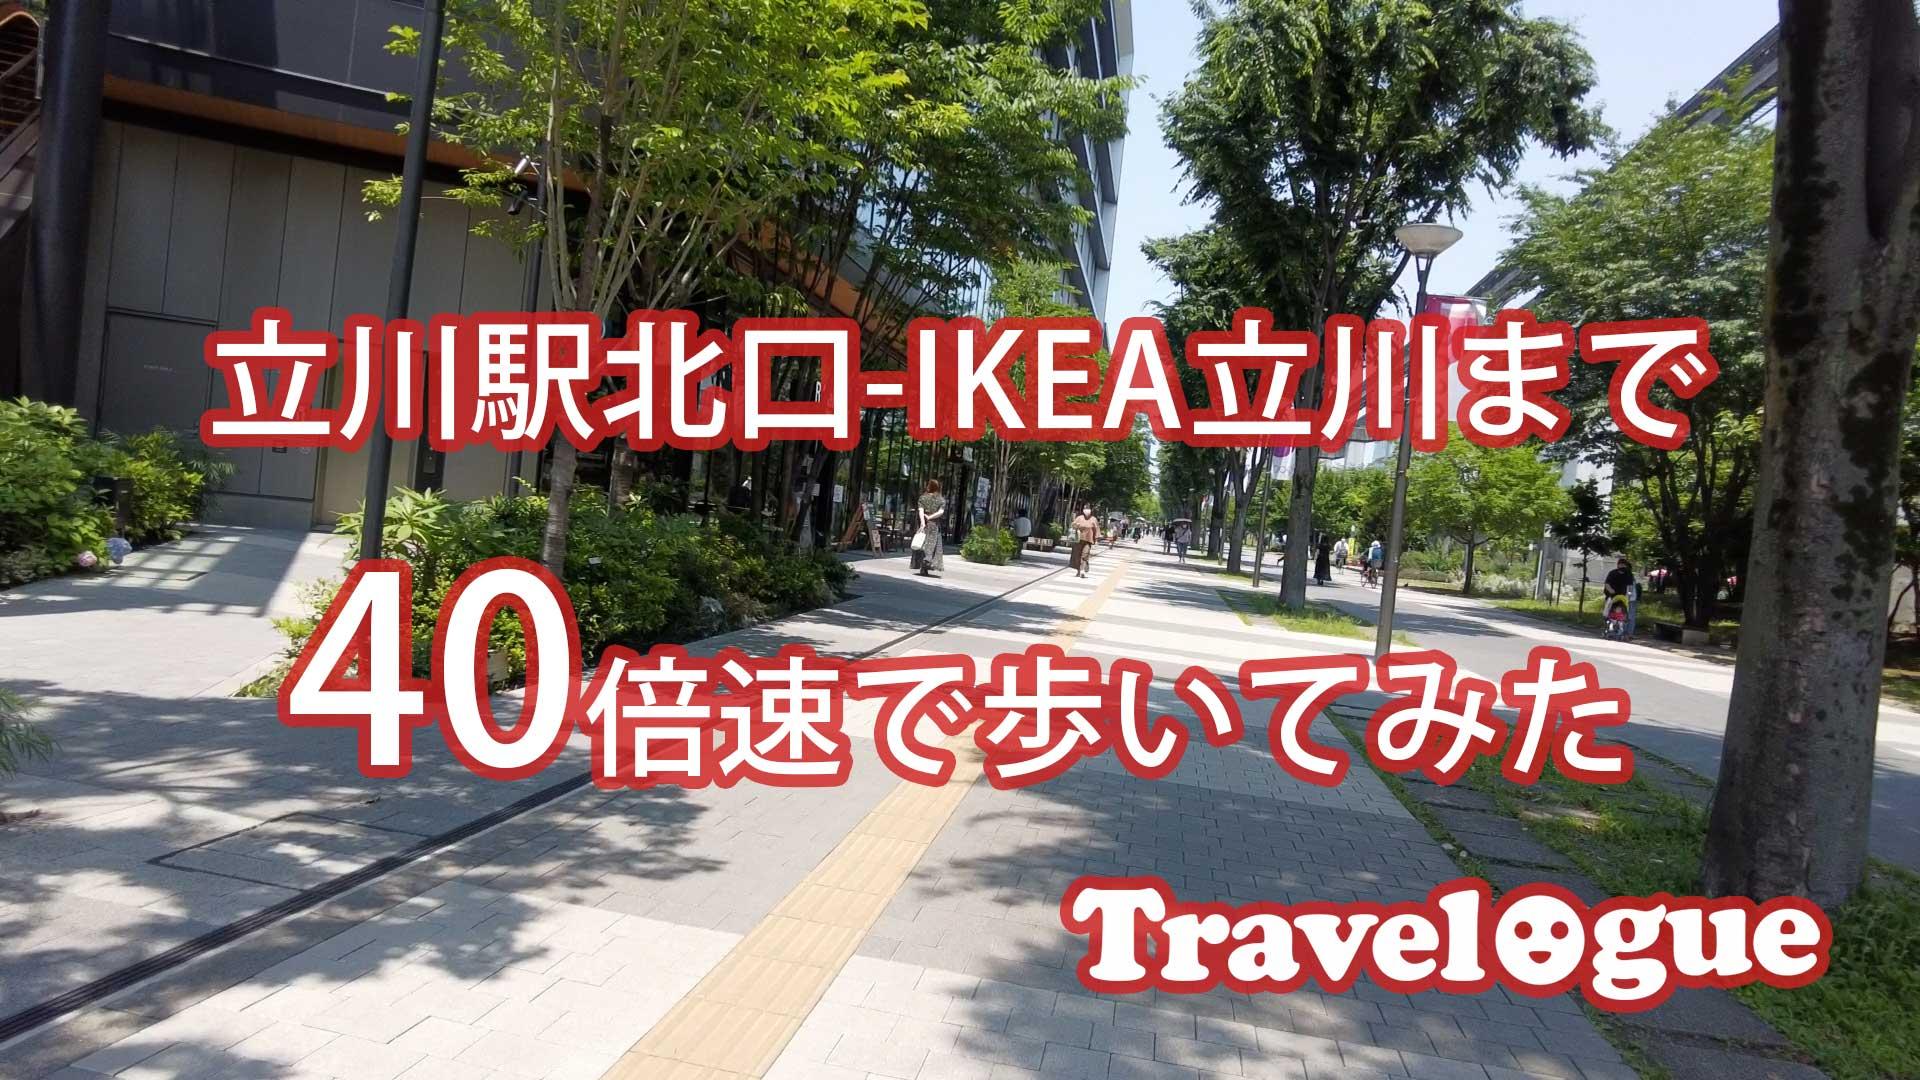 駅から徒歩OK!IKEA立川への行き方を写真と動画で紹介